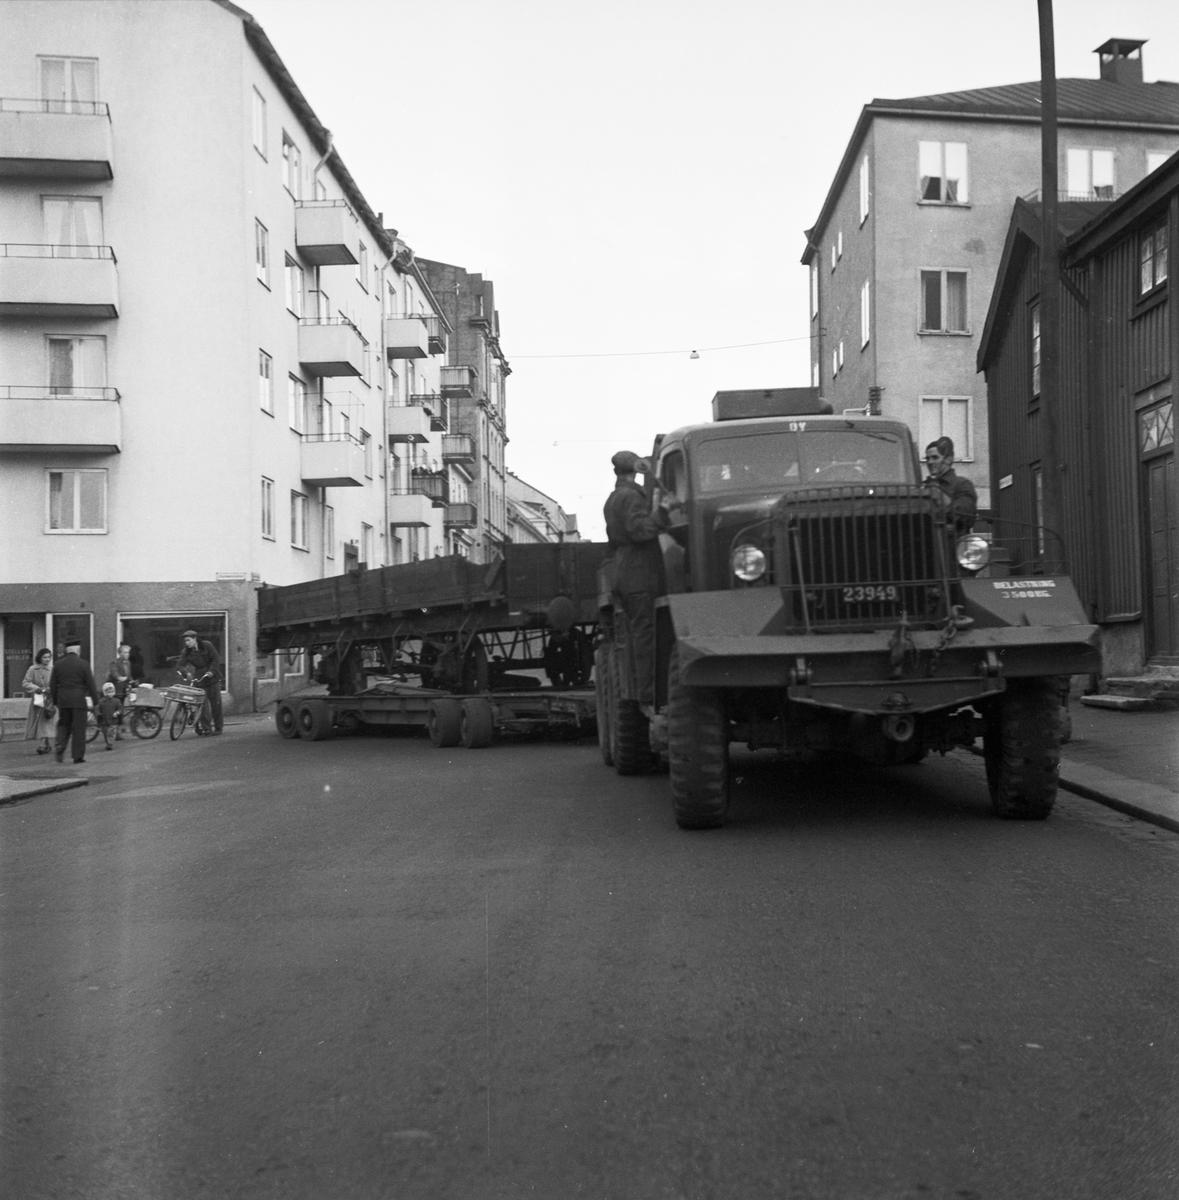 Övrigt: Foto datum: 11/1 1952 Byggnader och kranar Vagnbjörn i arbete (försöksbelastning)